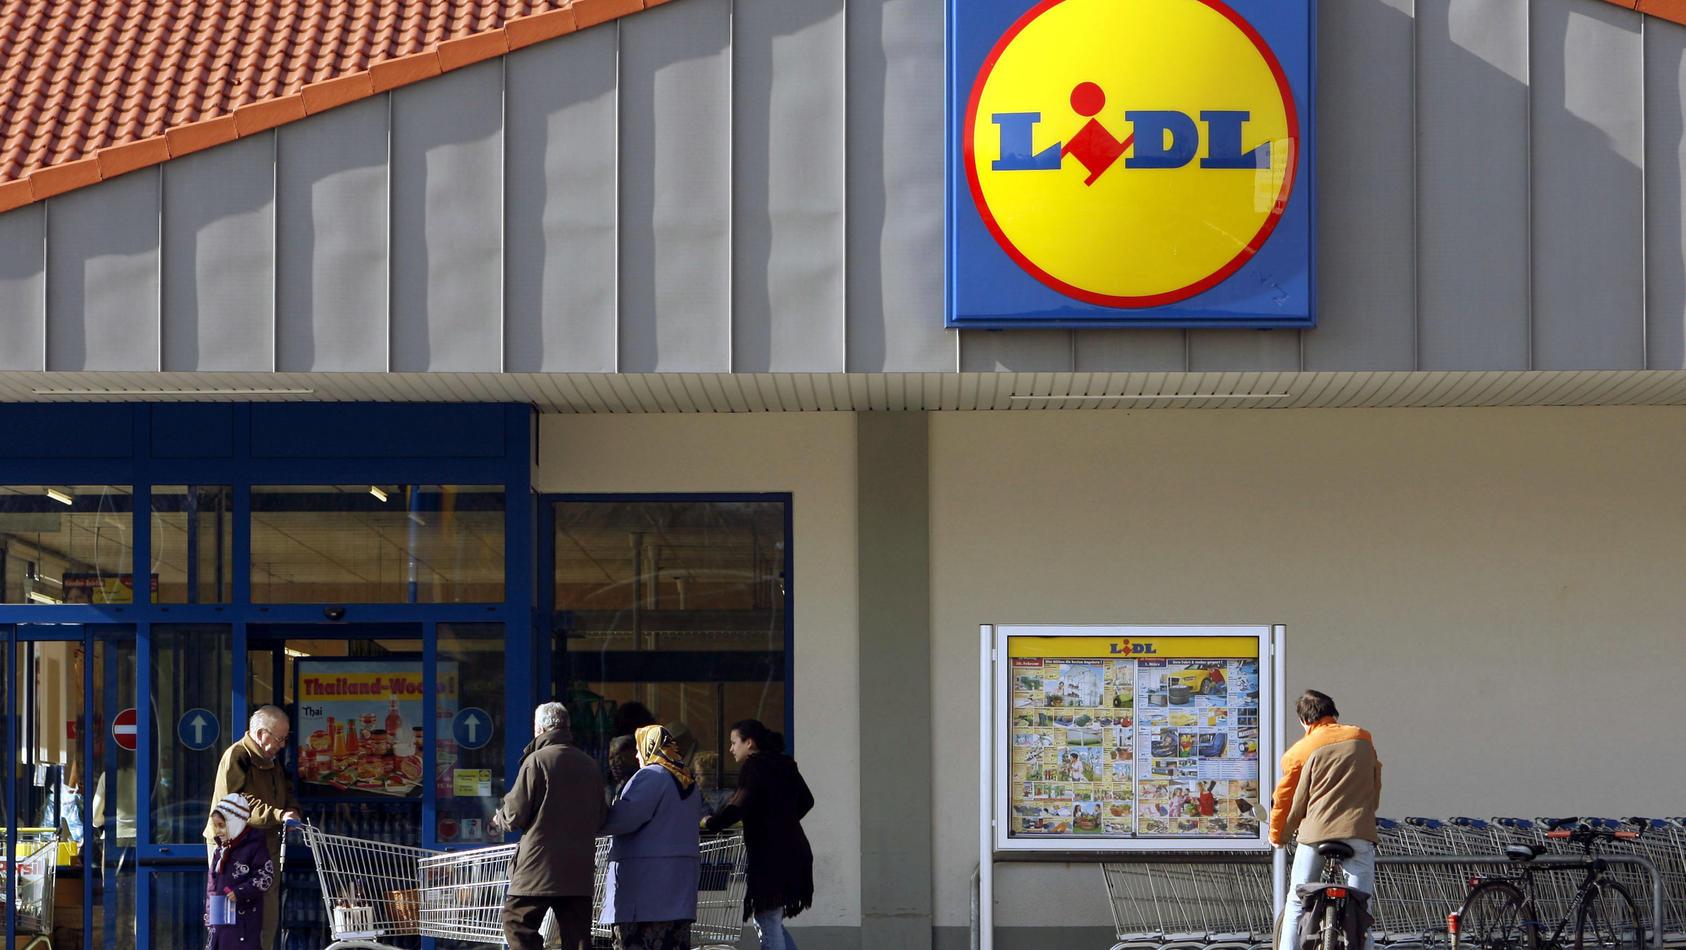 Lidl bald Marktführer unter den Lebensmittel-Discountern?